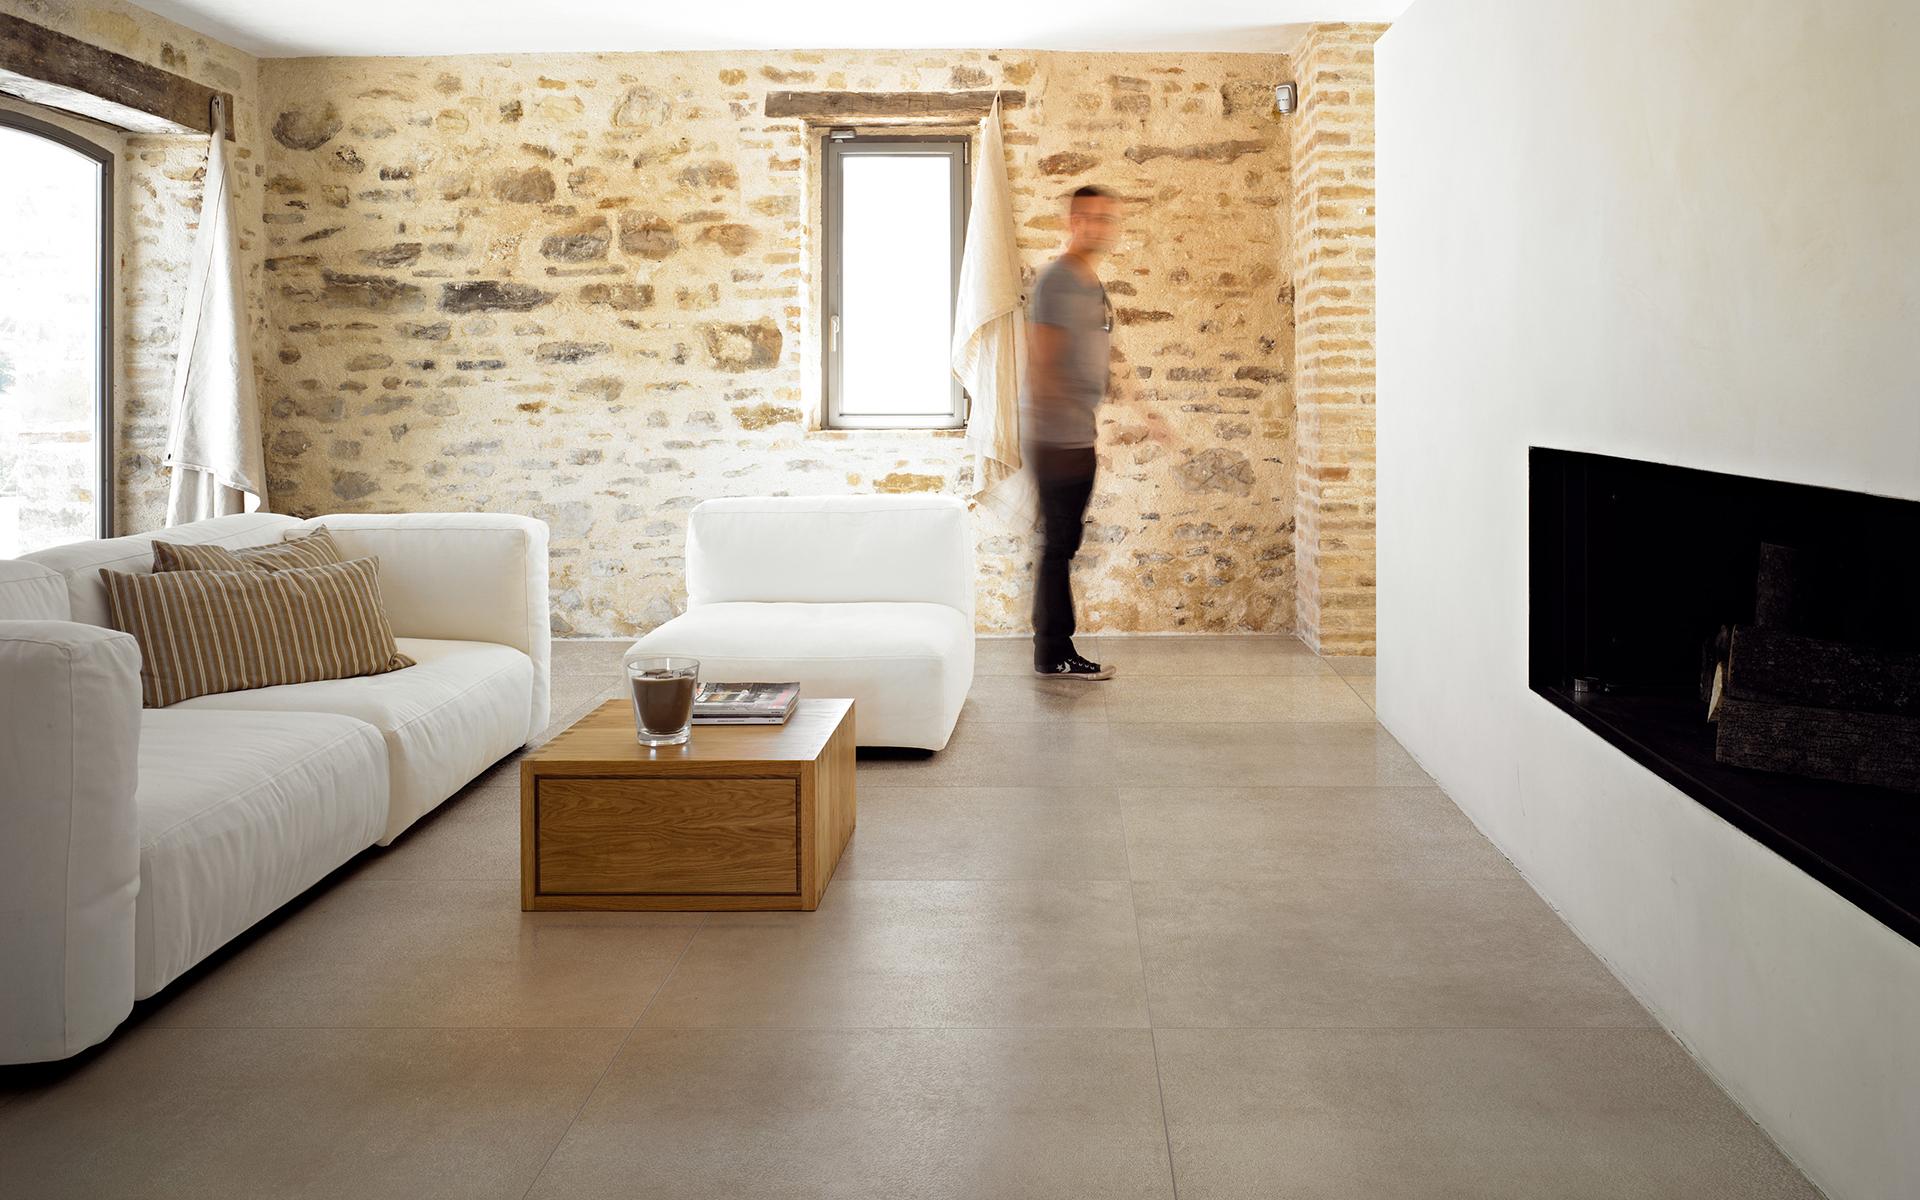 Floor gres industrial casa ceramica dailygadgetfo Image collections